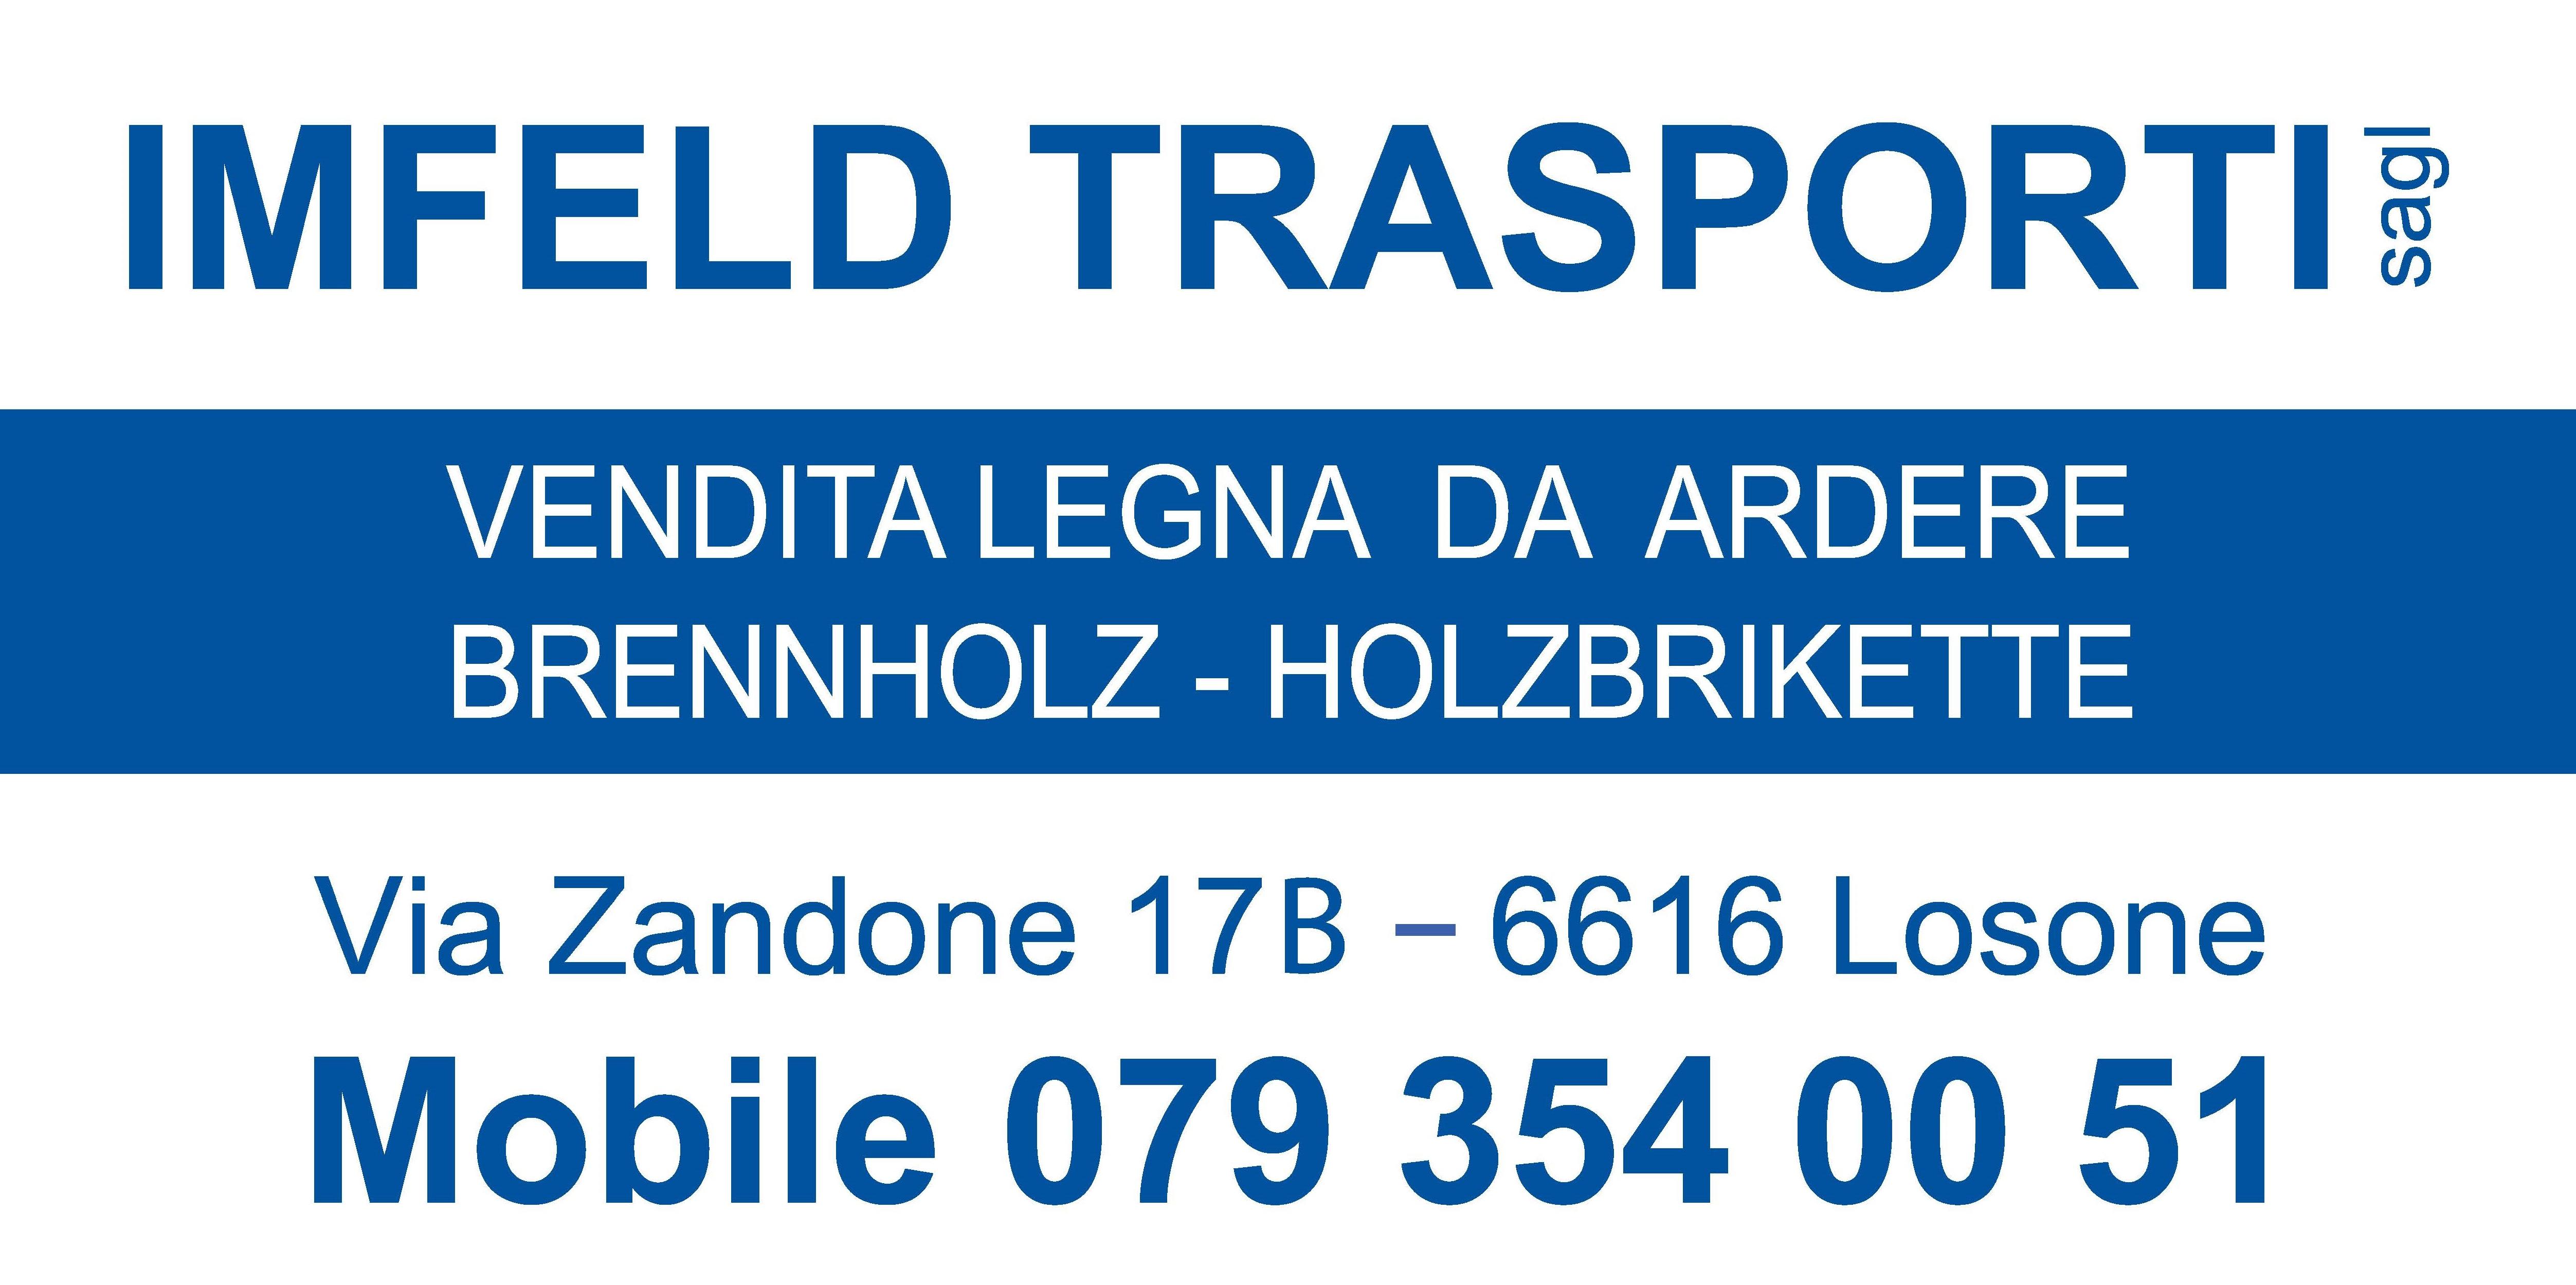 Imfeld Trasporti sagl